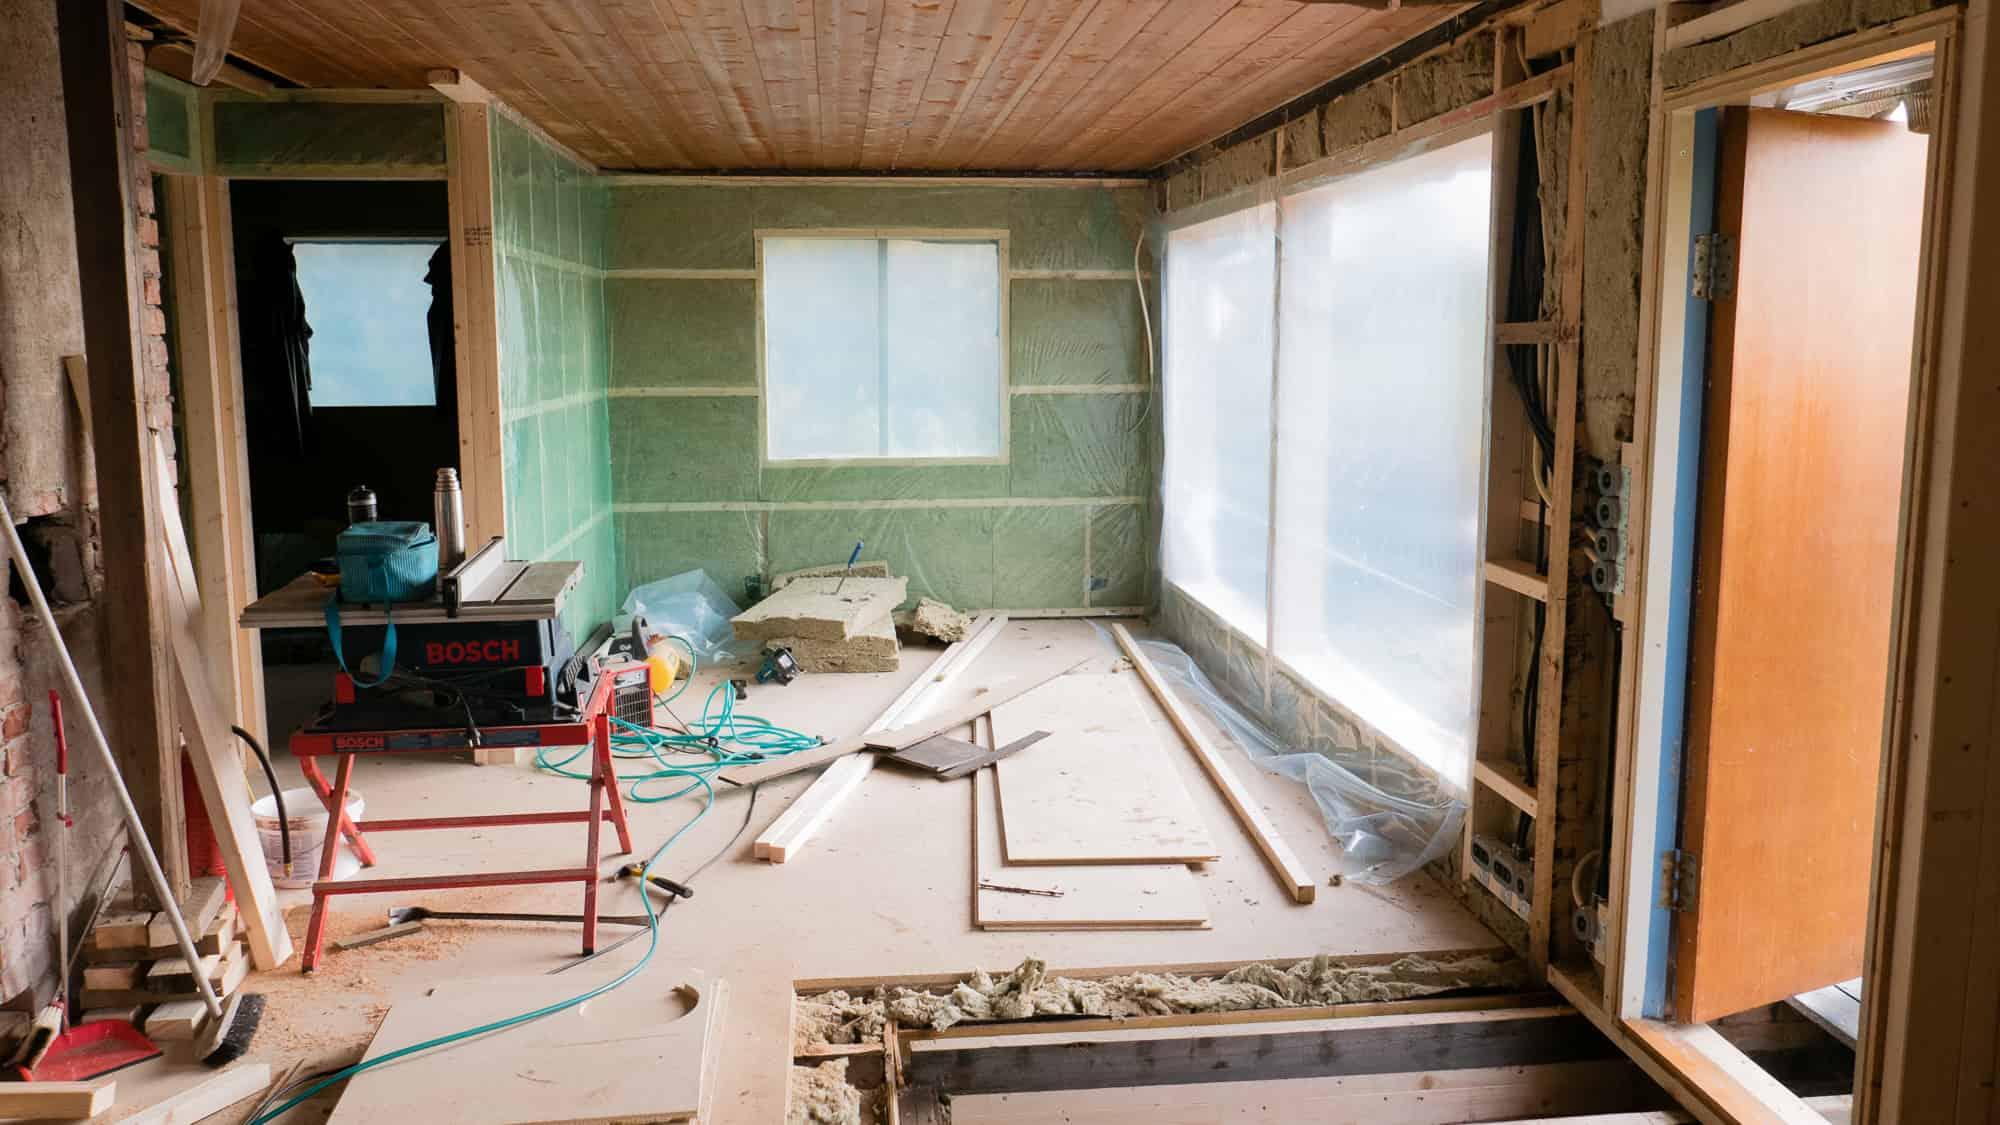 Home refurbishment in progress